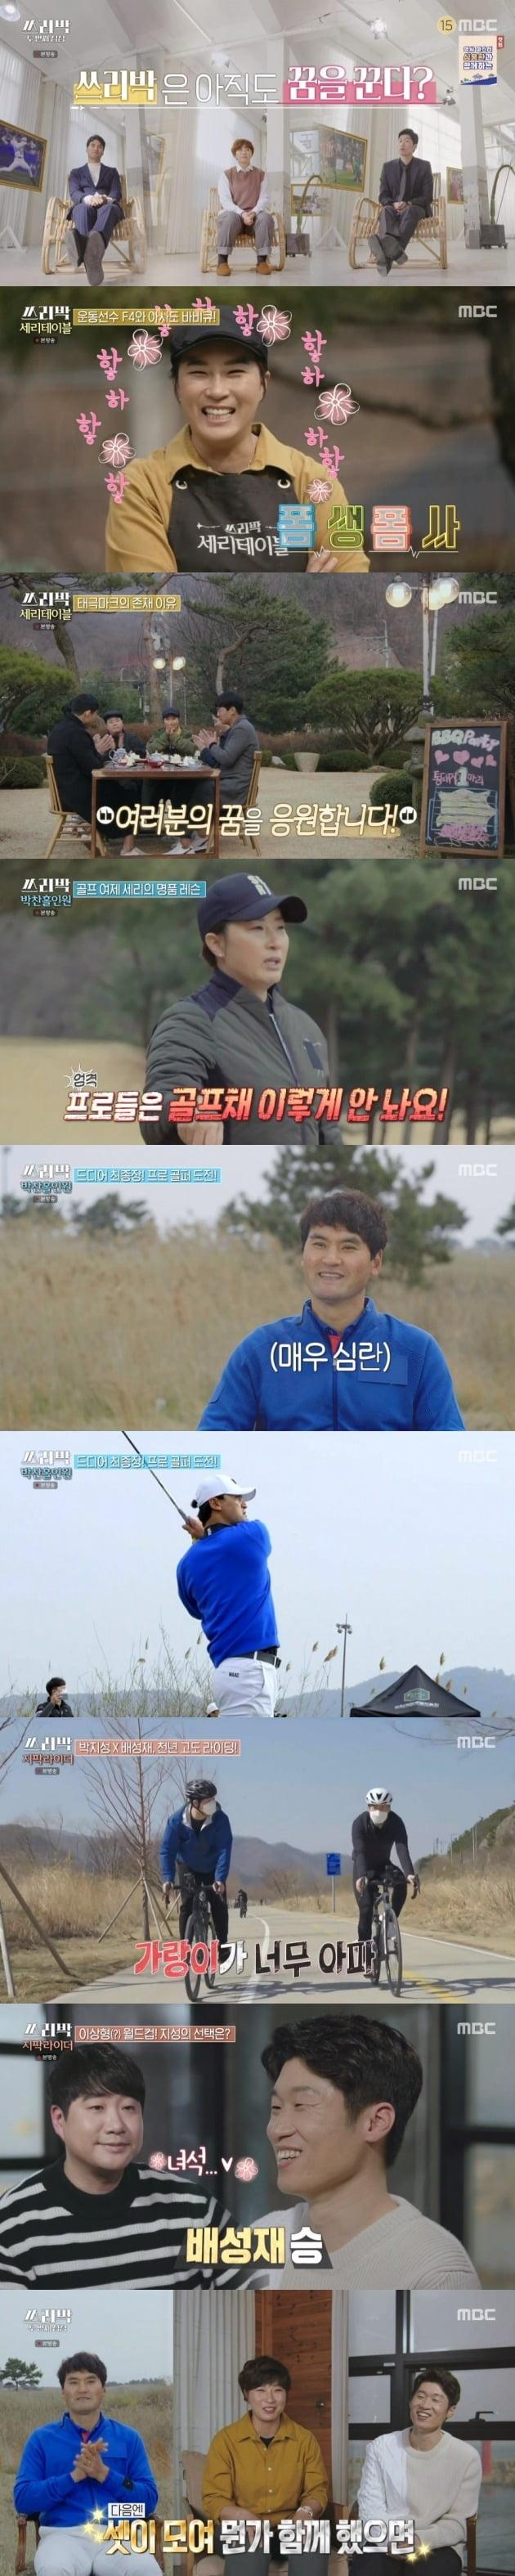 사진=MBC '쓰리박' 방송 화면.